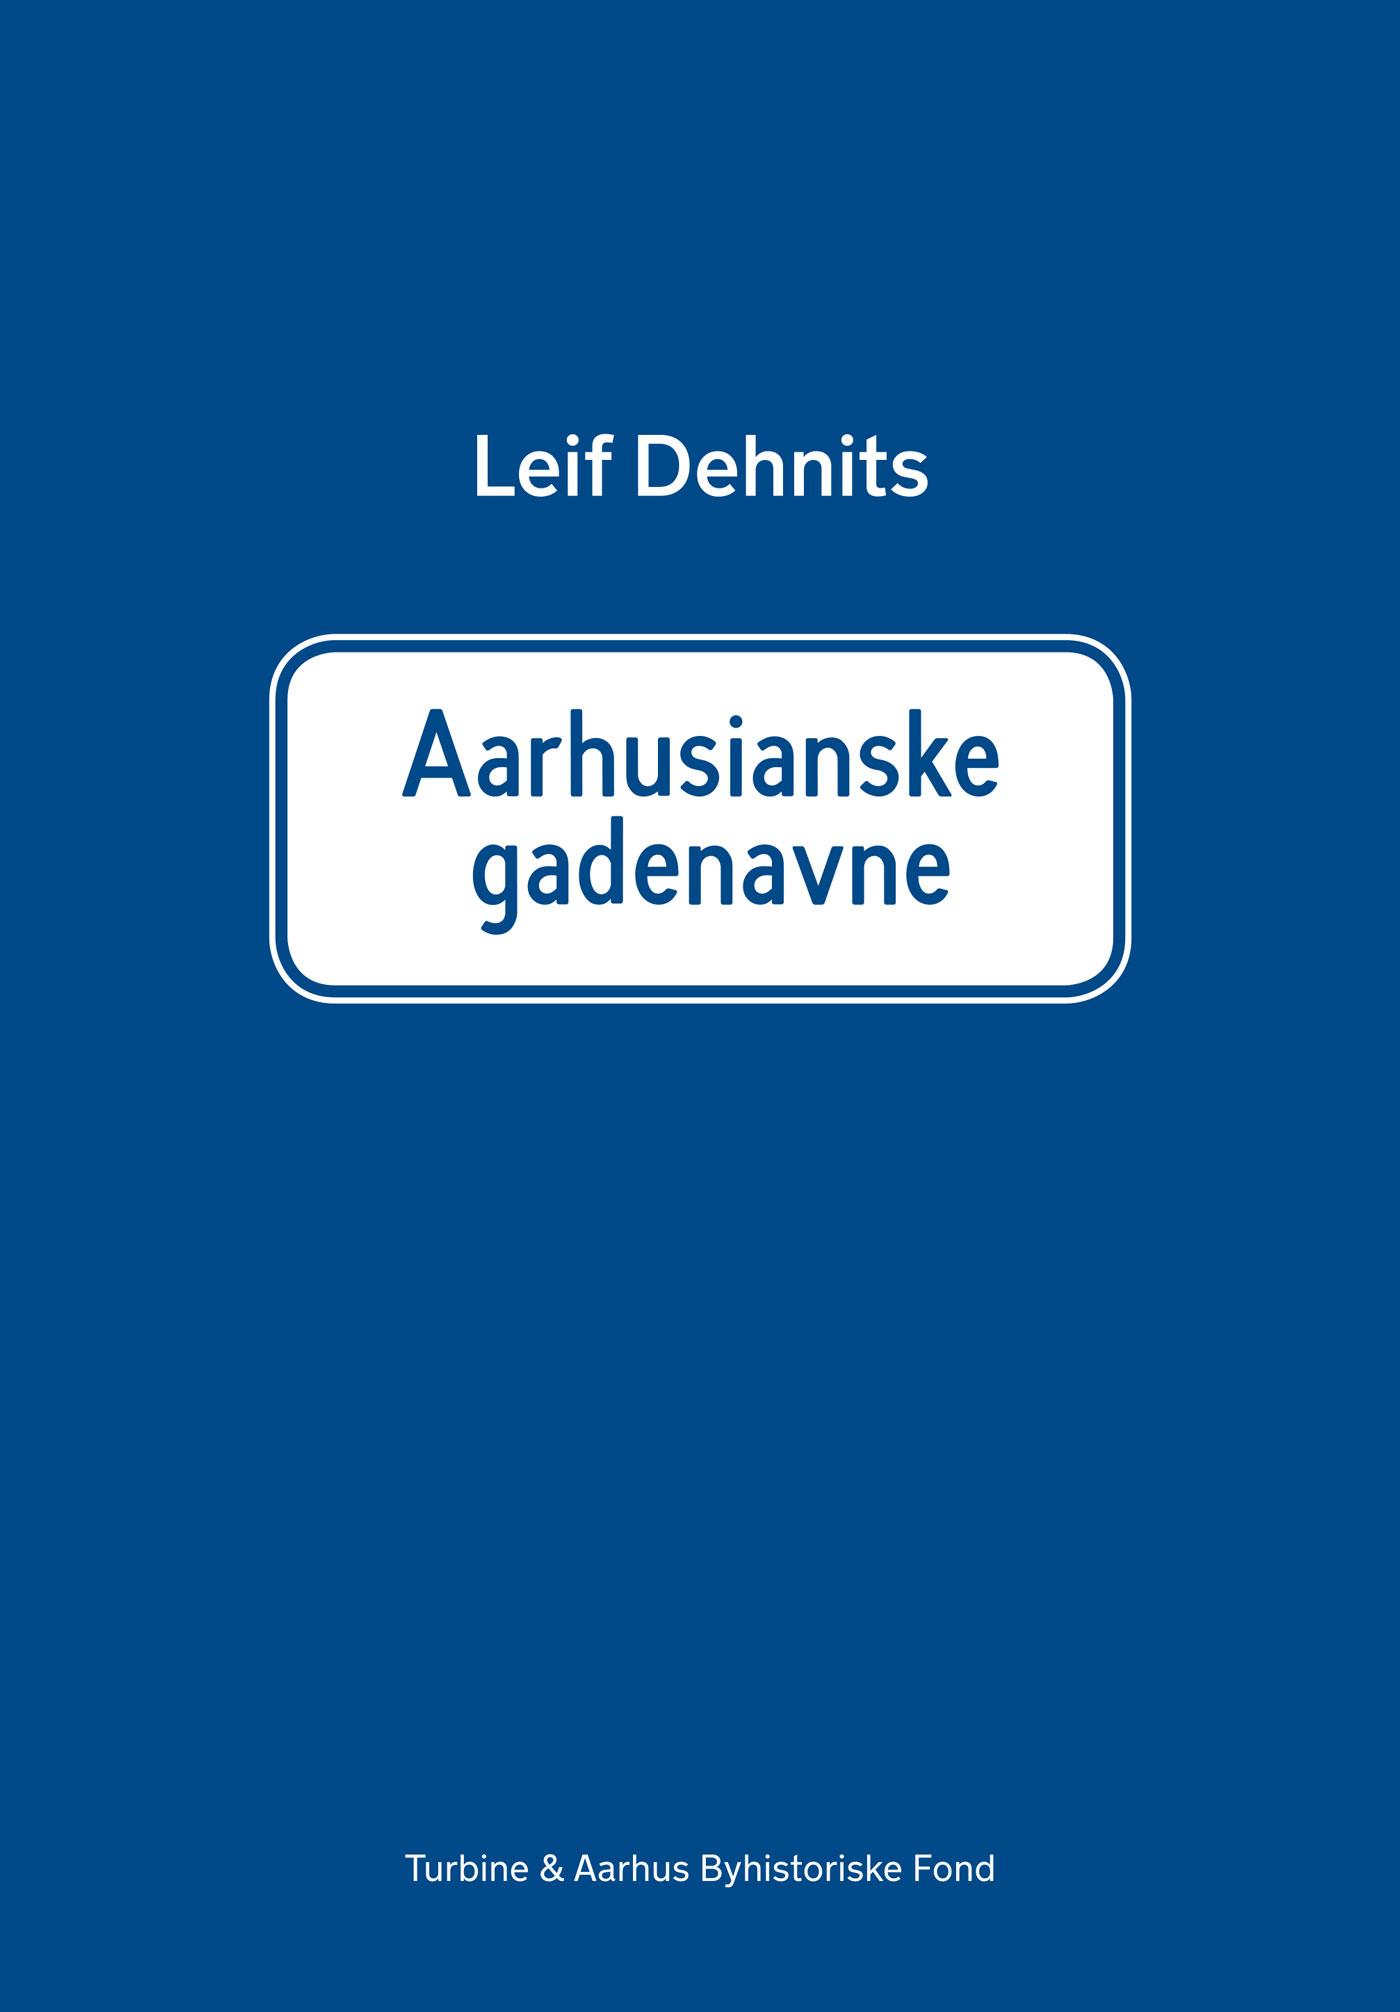 Aarhusianske gadenavne